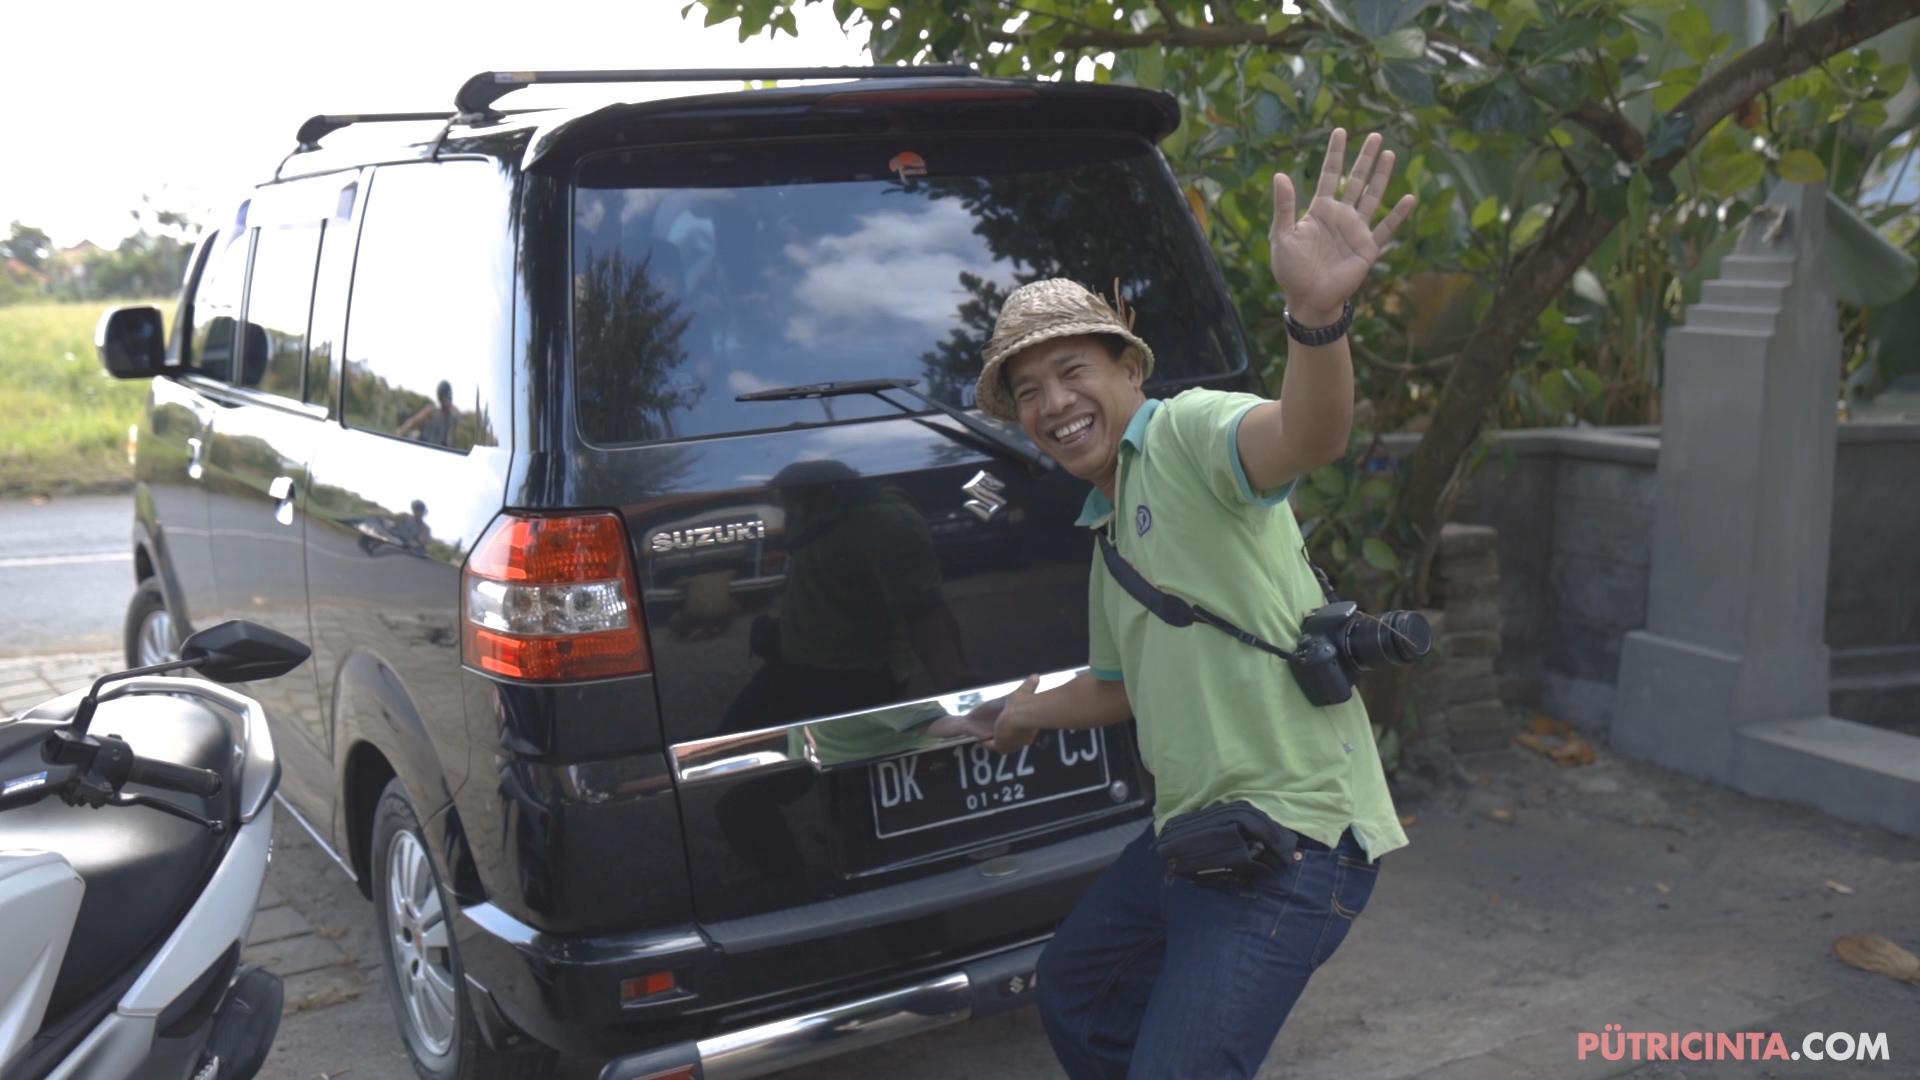 024-cyclingcommando-Putri-Cinta-BTS-stills-9.jpg